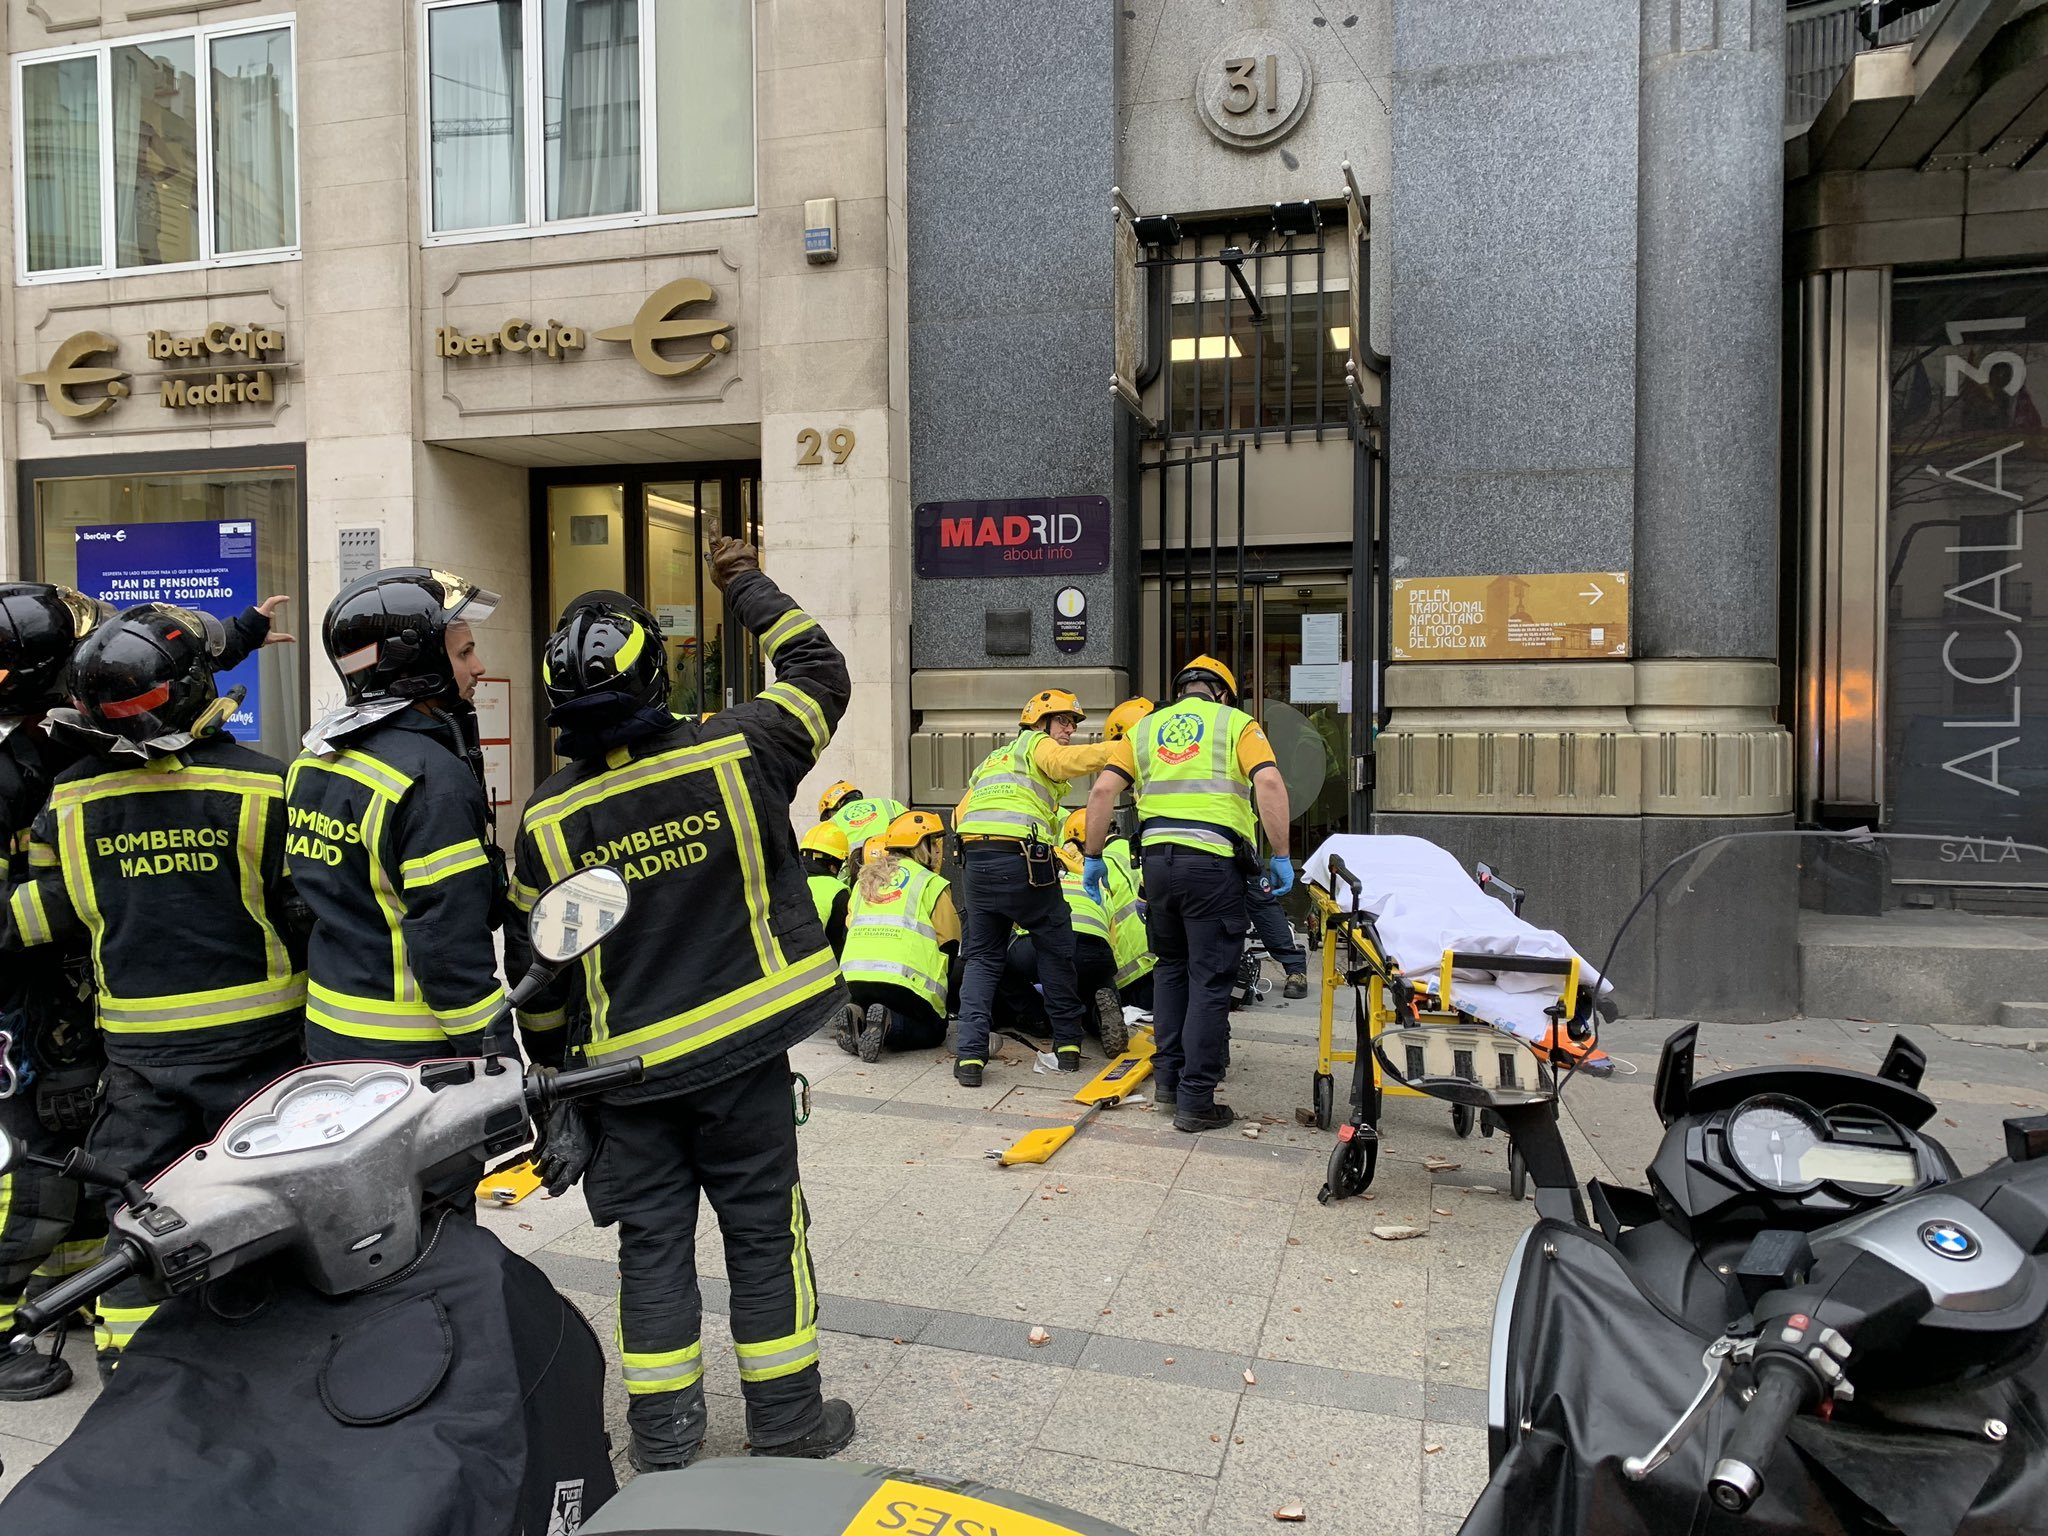 Los equipos de emergencia atienden a la mujer herida.